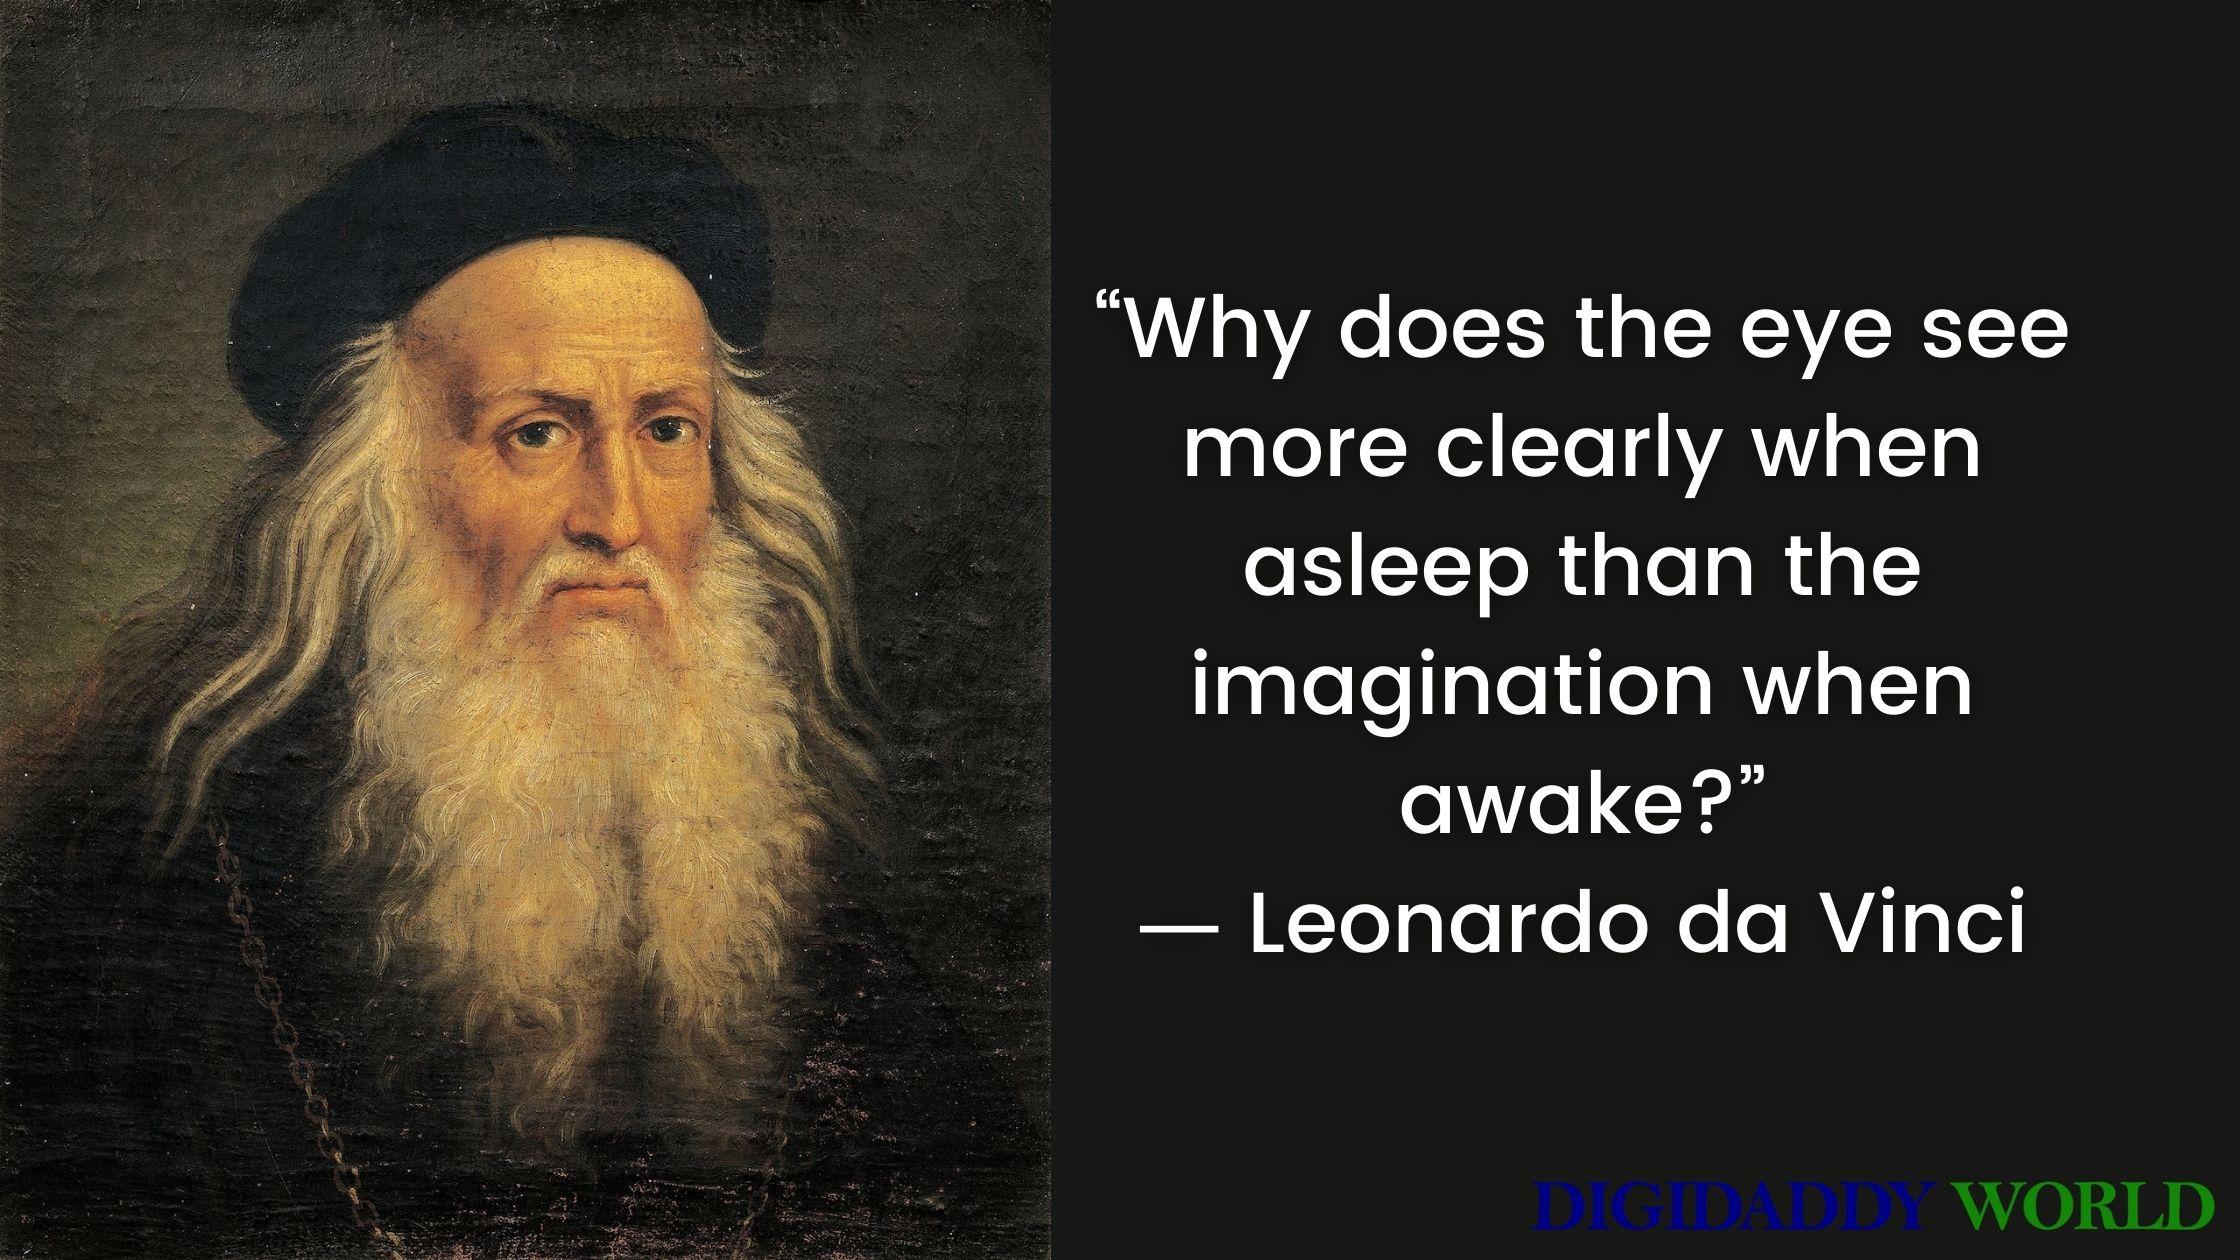 Famous Leonardo Da Vinci Quotes About Art and Life